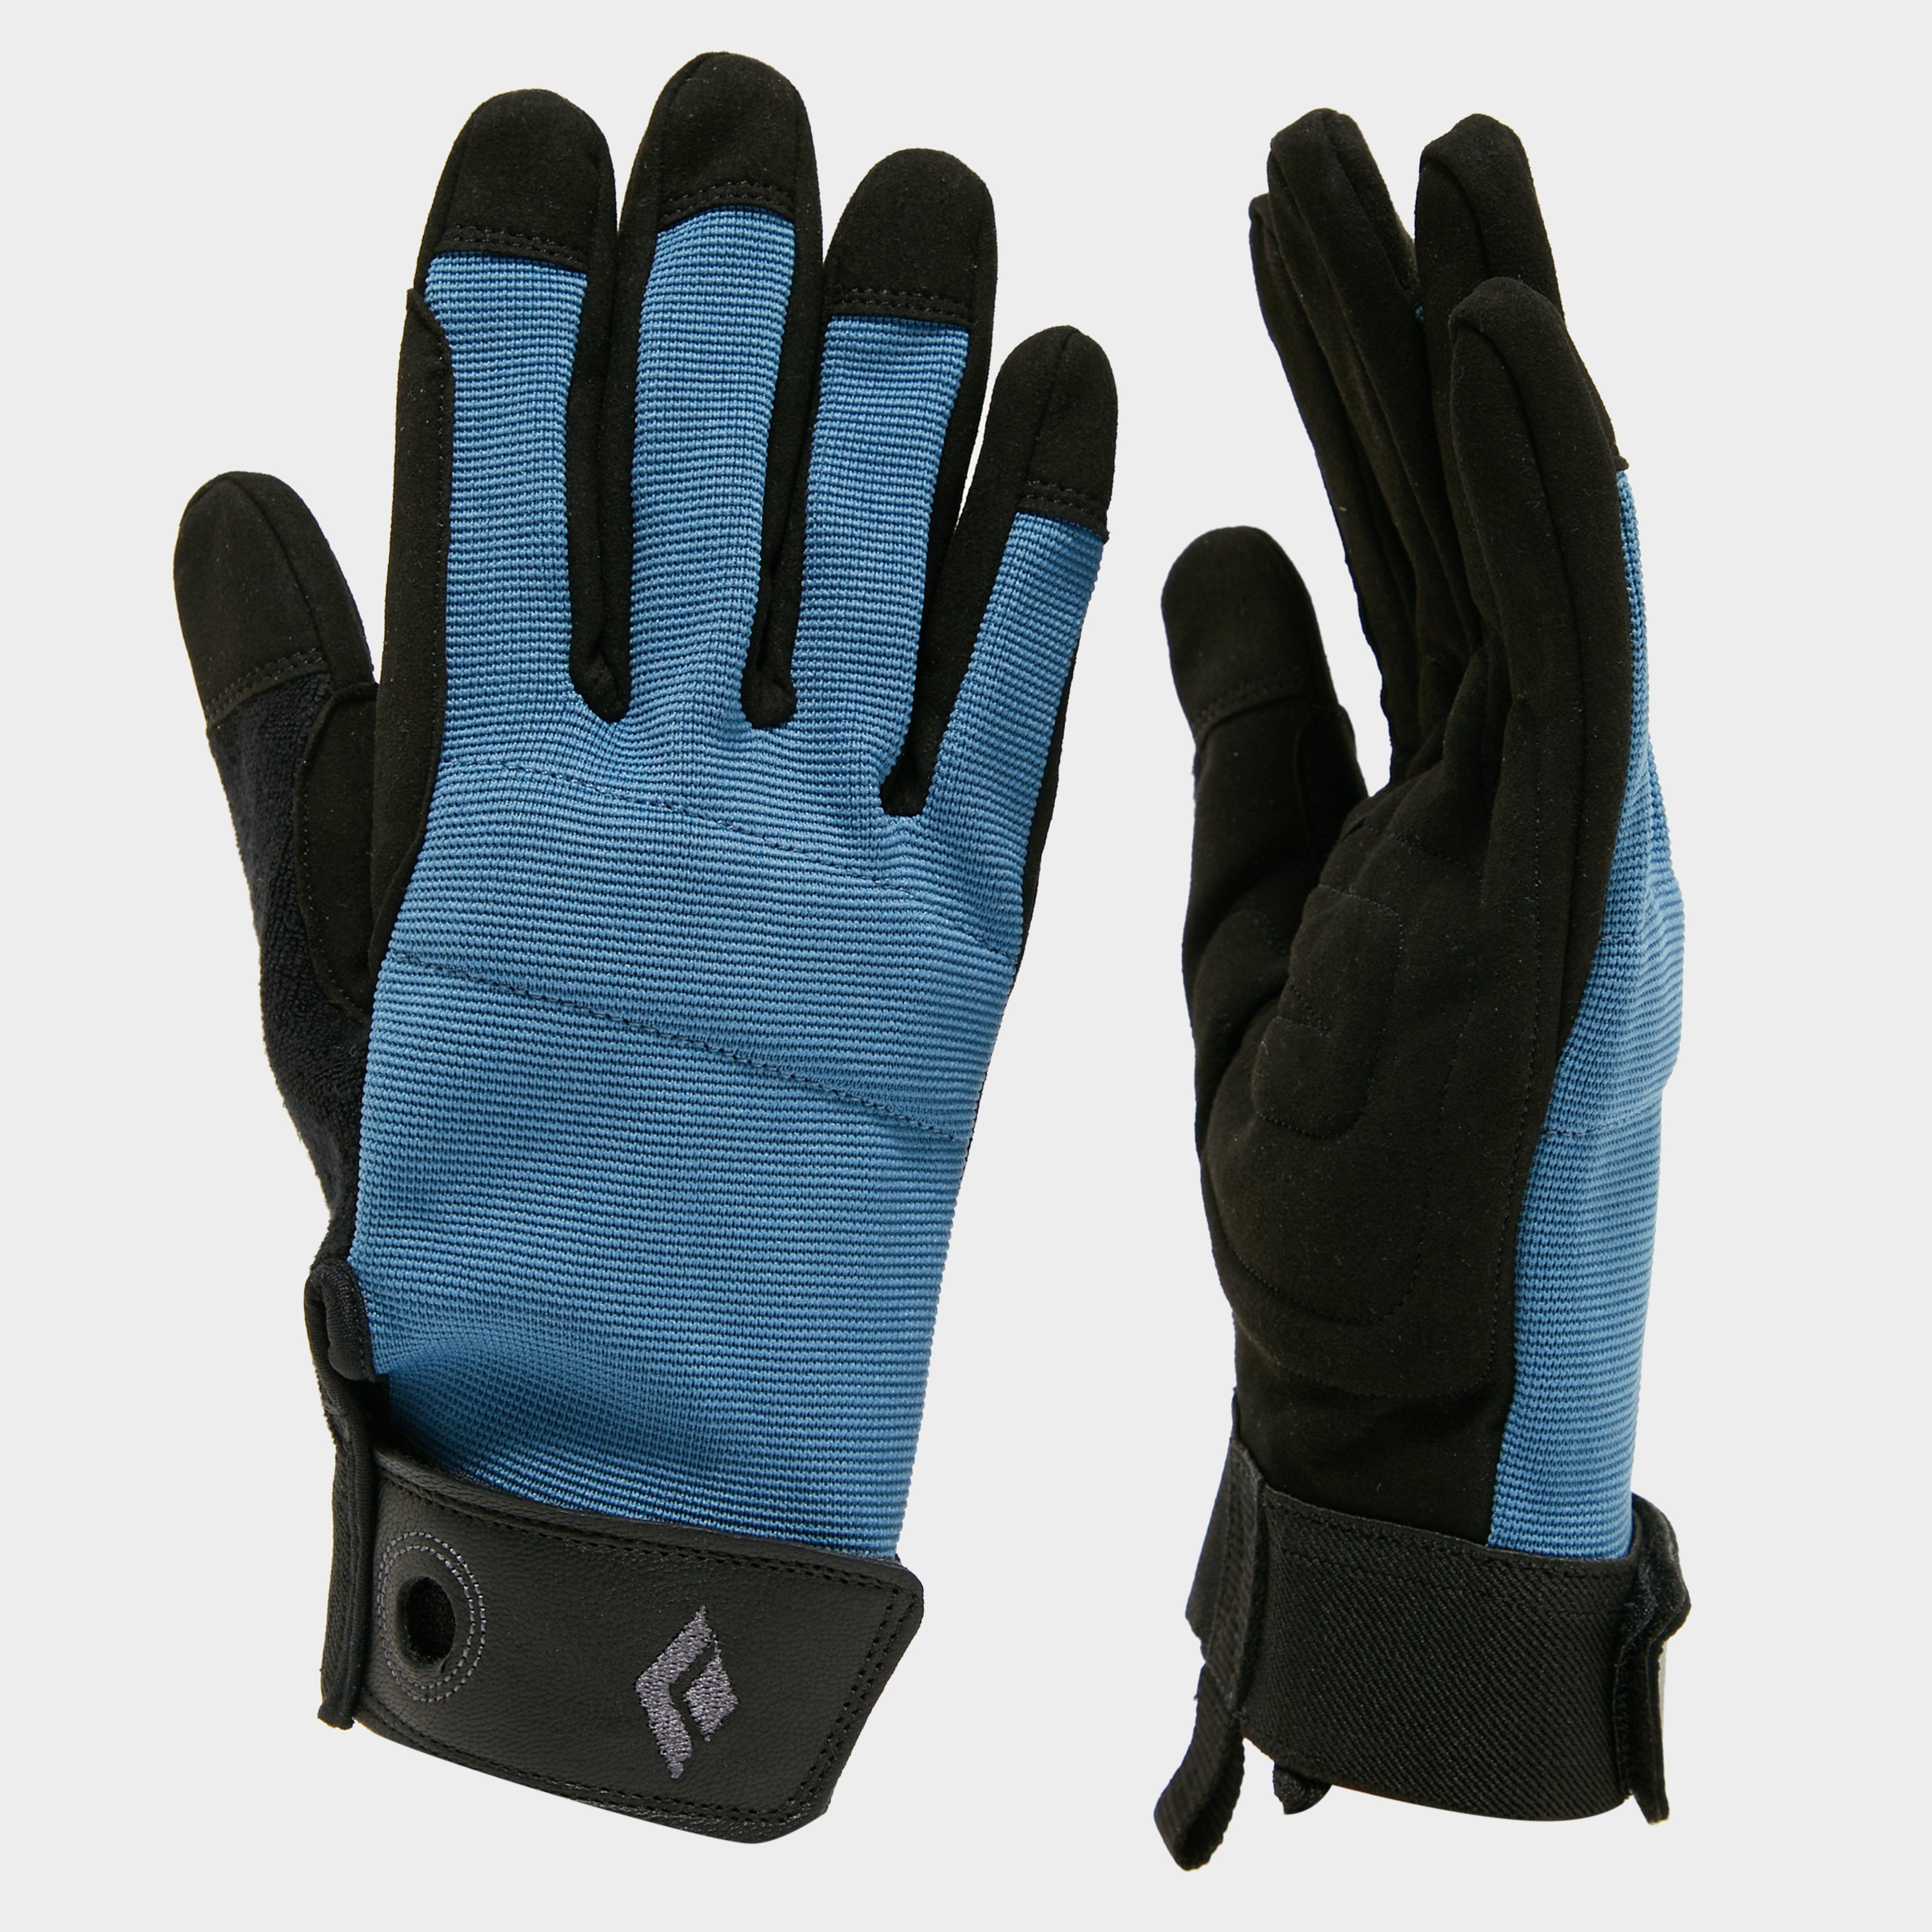 Black Diamond Crag Gloves - Blue/glove  Blue/glove